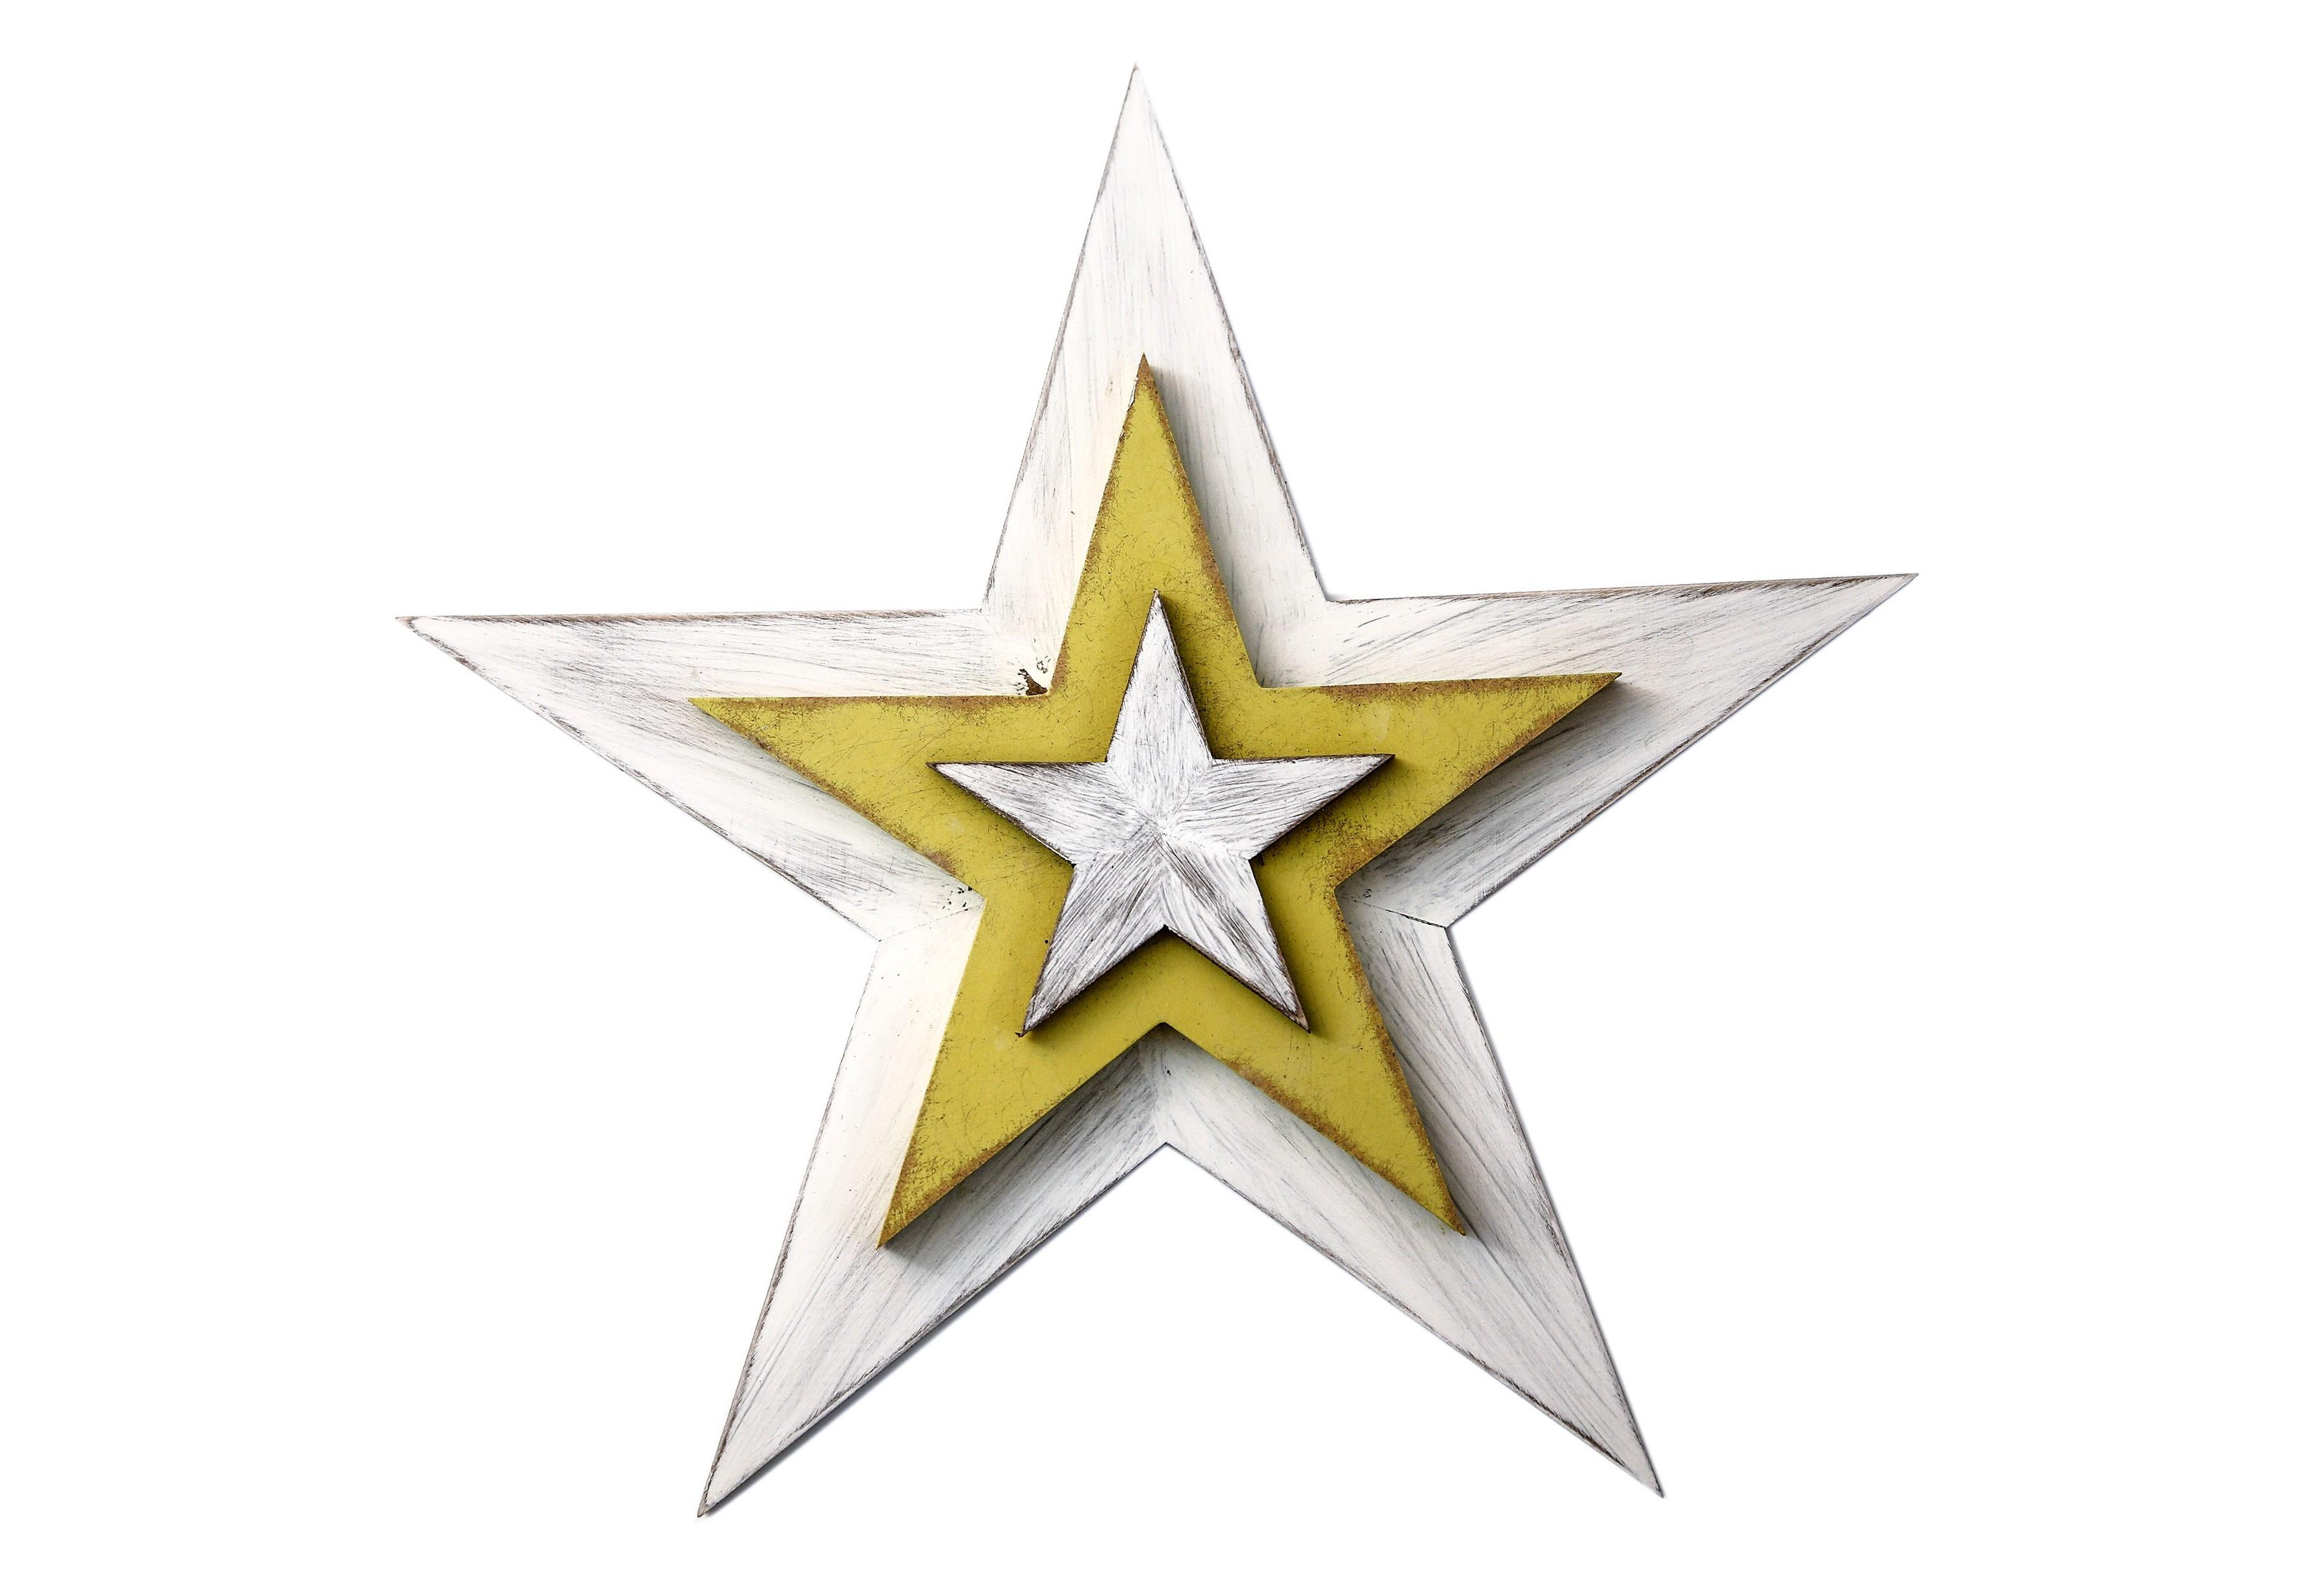 Панно настенное ЗвездаДругое<br>Декор настенный деревянный Рождественская звезда белая с лаймом.Материал: многослойная фанера хвойных пород дерева.<br><br>kit: None<br>gender: None